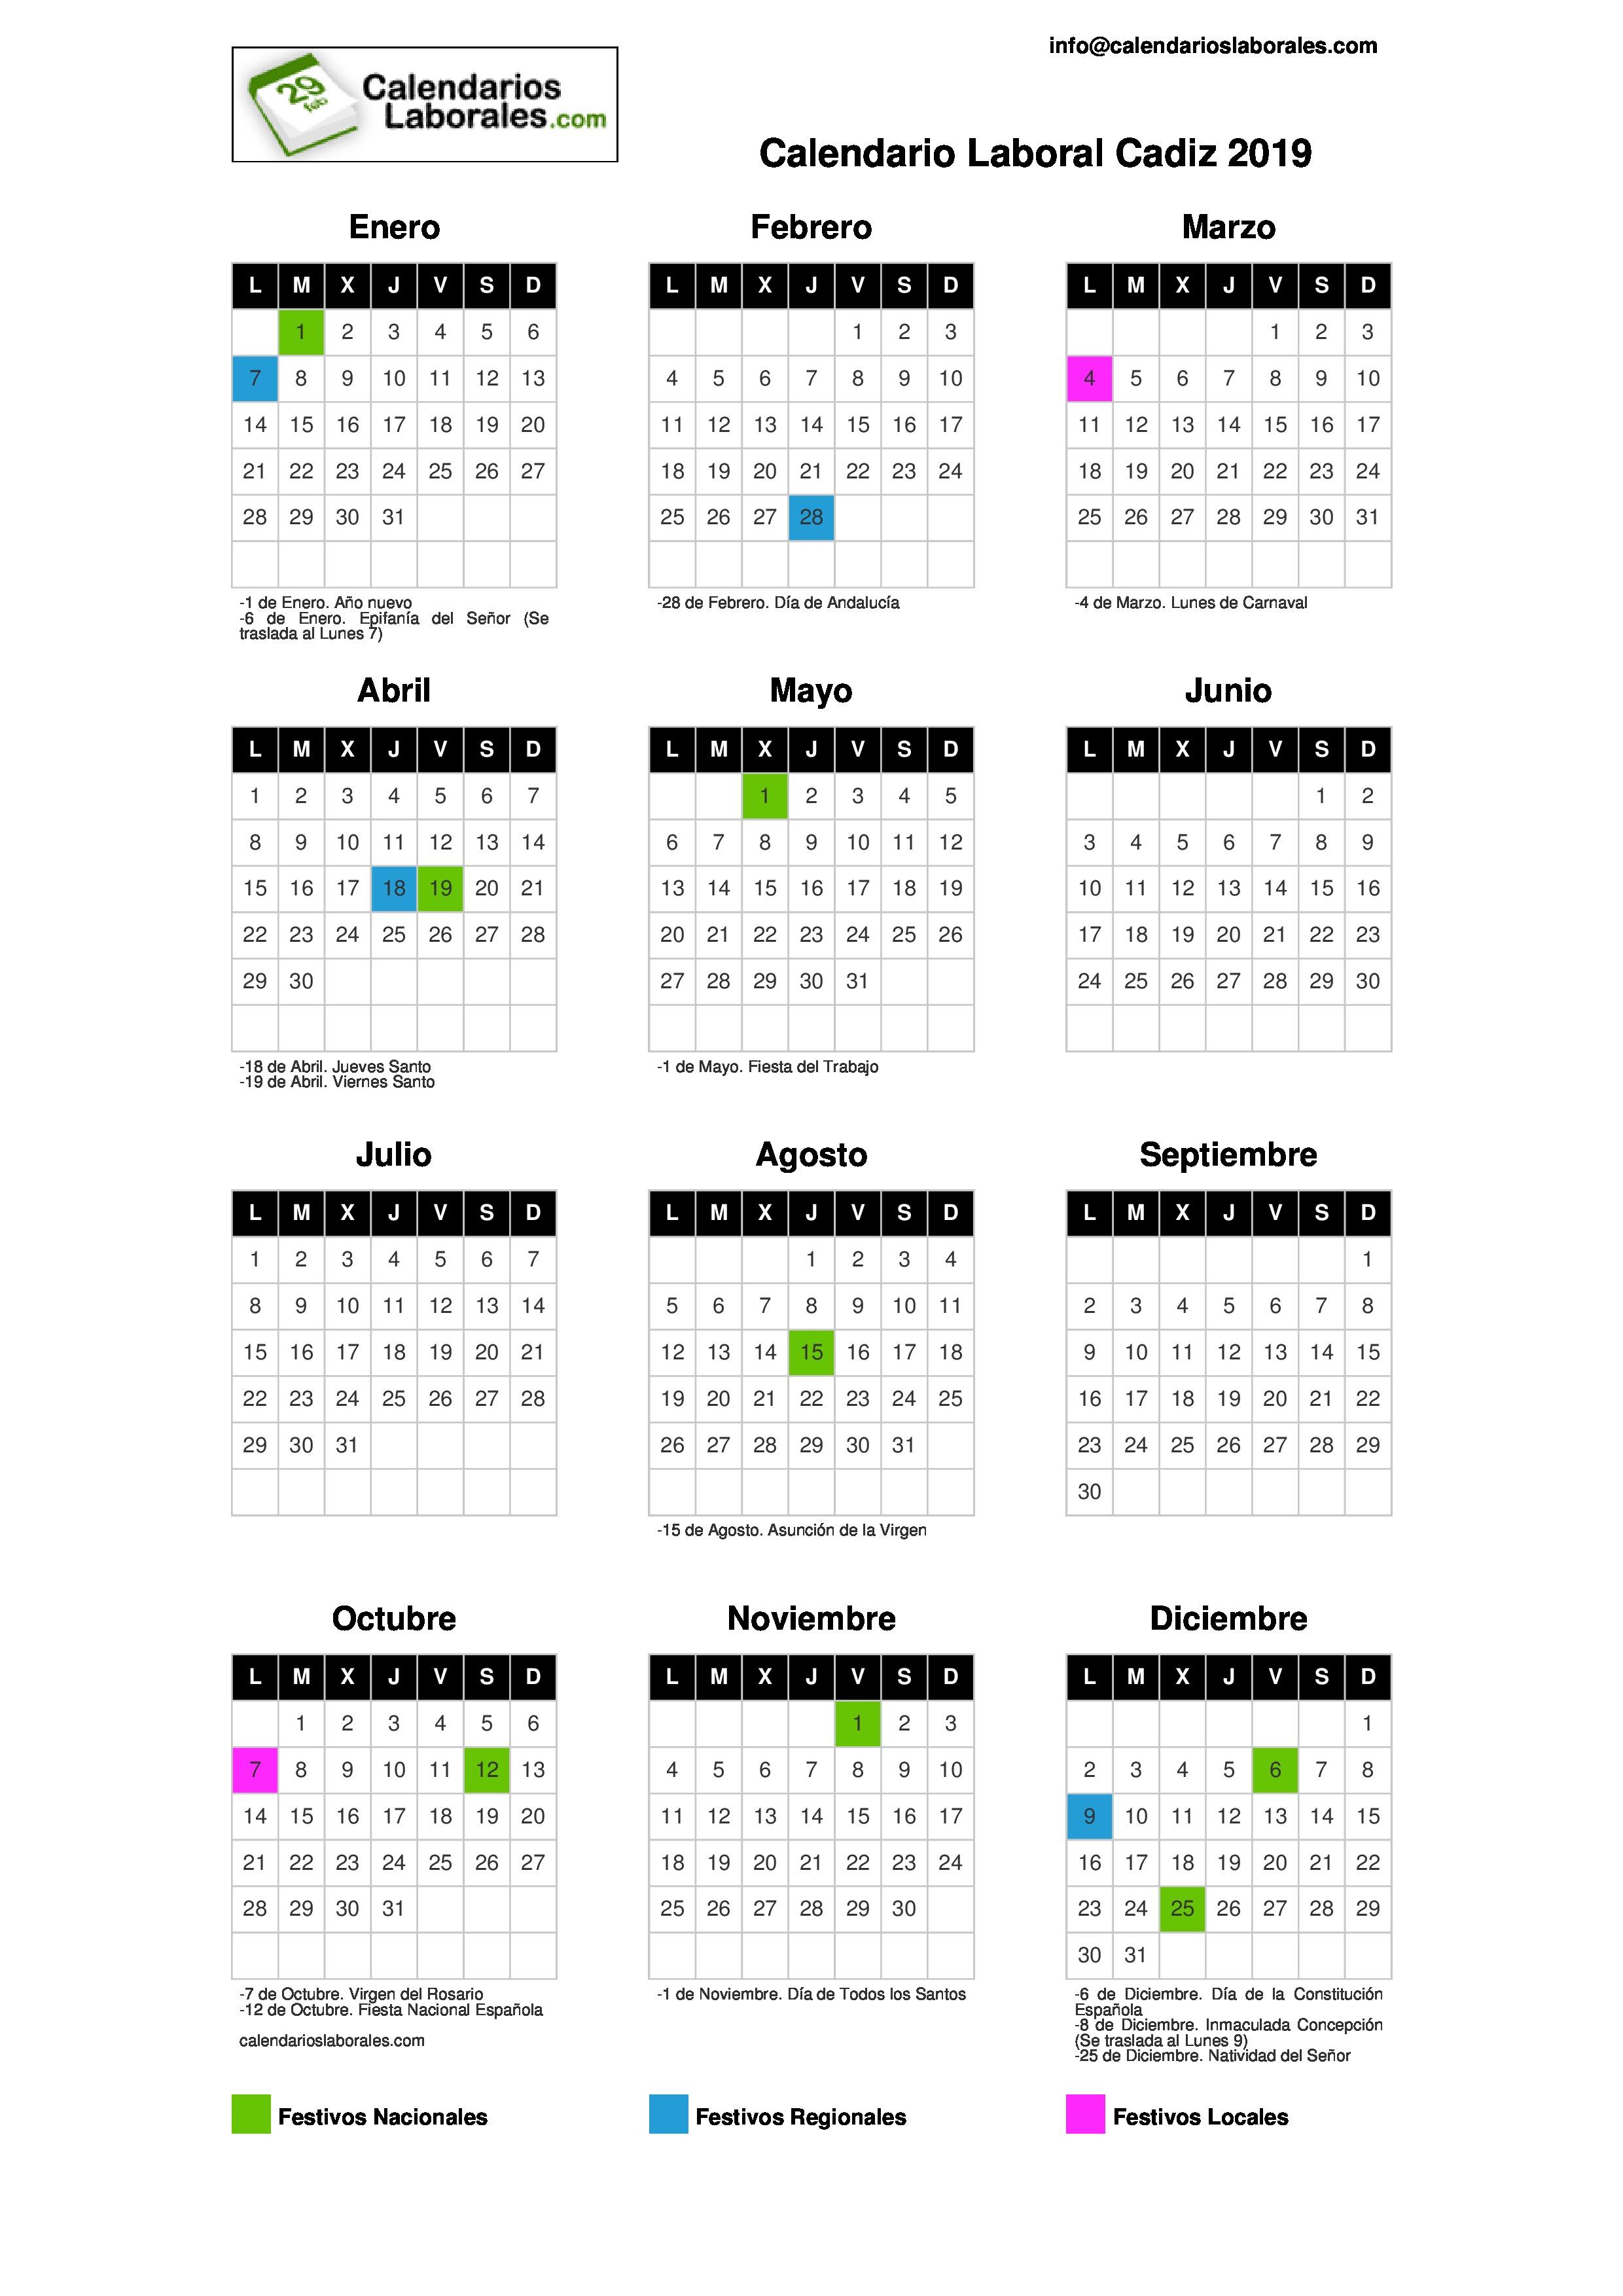 Calendario Coac 2019.Calendario Laboral Cadiz 2019